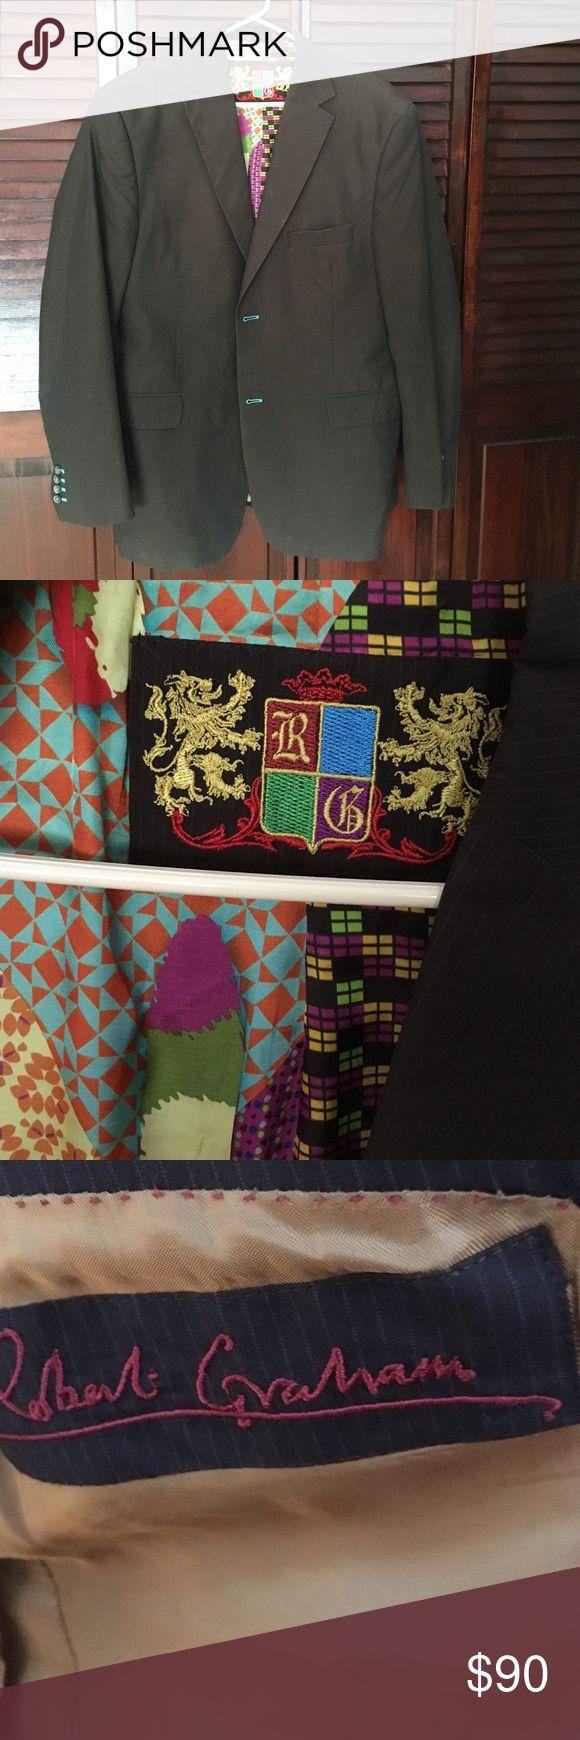 Robert Graham sport coat 44L Great looking designer Robert Graham sport coat pinstripe great detail hardly worn Robert Graham Suits & Blazers Sport Coats & Blazers